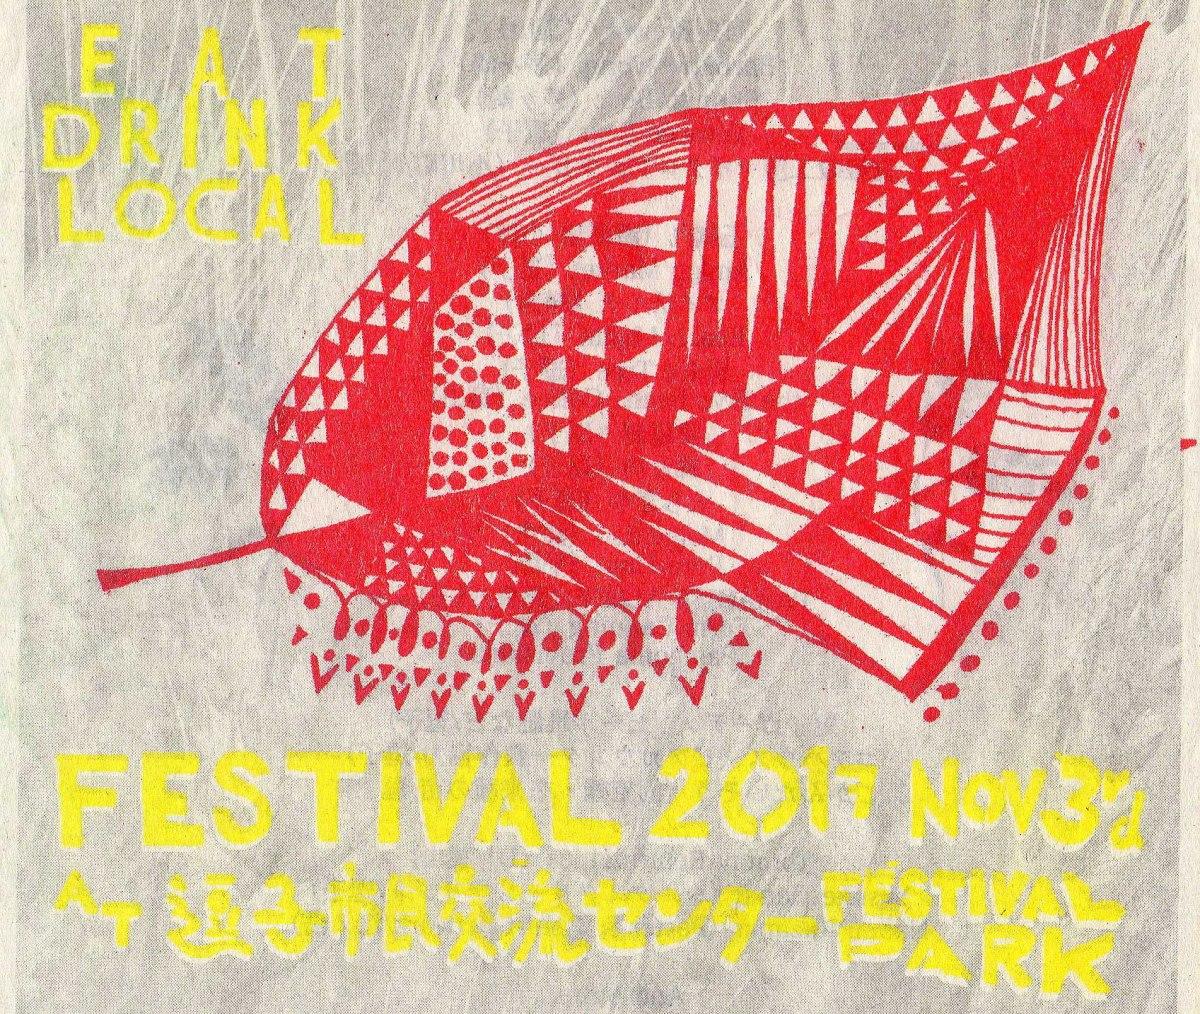 """11/3文化の日 Zushi Harvest Festival 2017「収穫祭」はまさしく逗子の""""収穫""""を味わうイベントだった"""